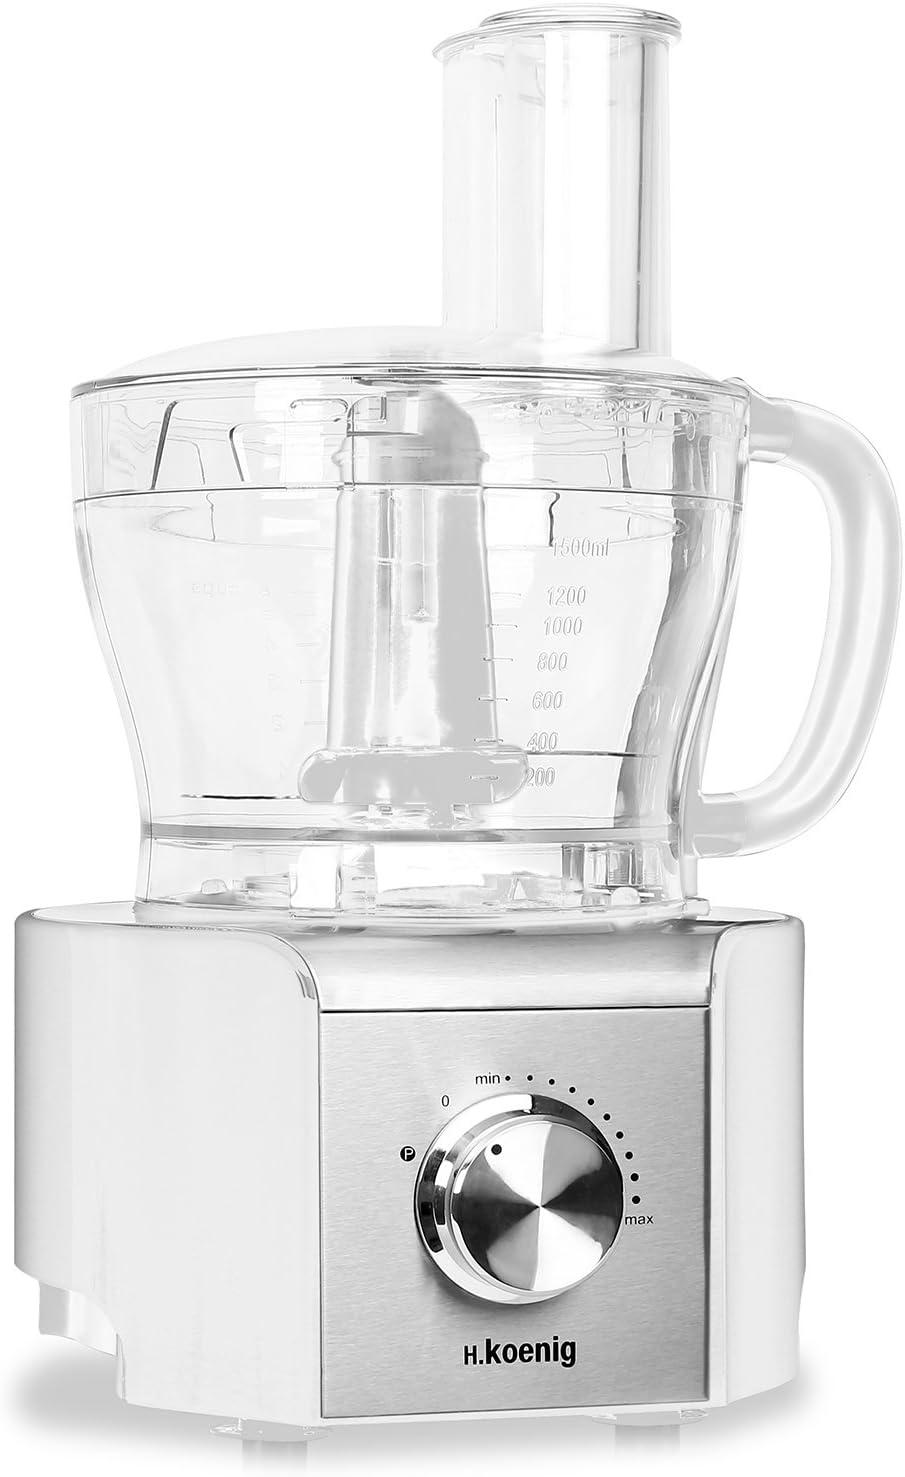 H Koenig MX-18 Robot de cocina procesador de alimentos (800W, baso de cristal 1,5L, 8 funciones: amasa, pica, corta, ralla, mezcla, bate, muele y pica hielo) Blanco: Amazon.es: Hogar